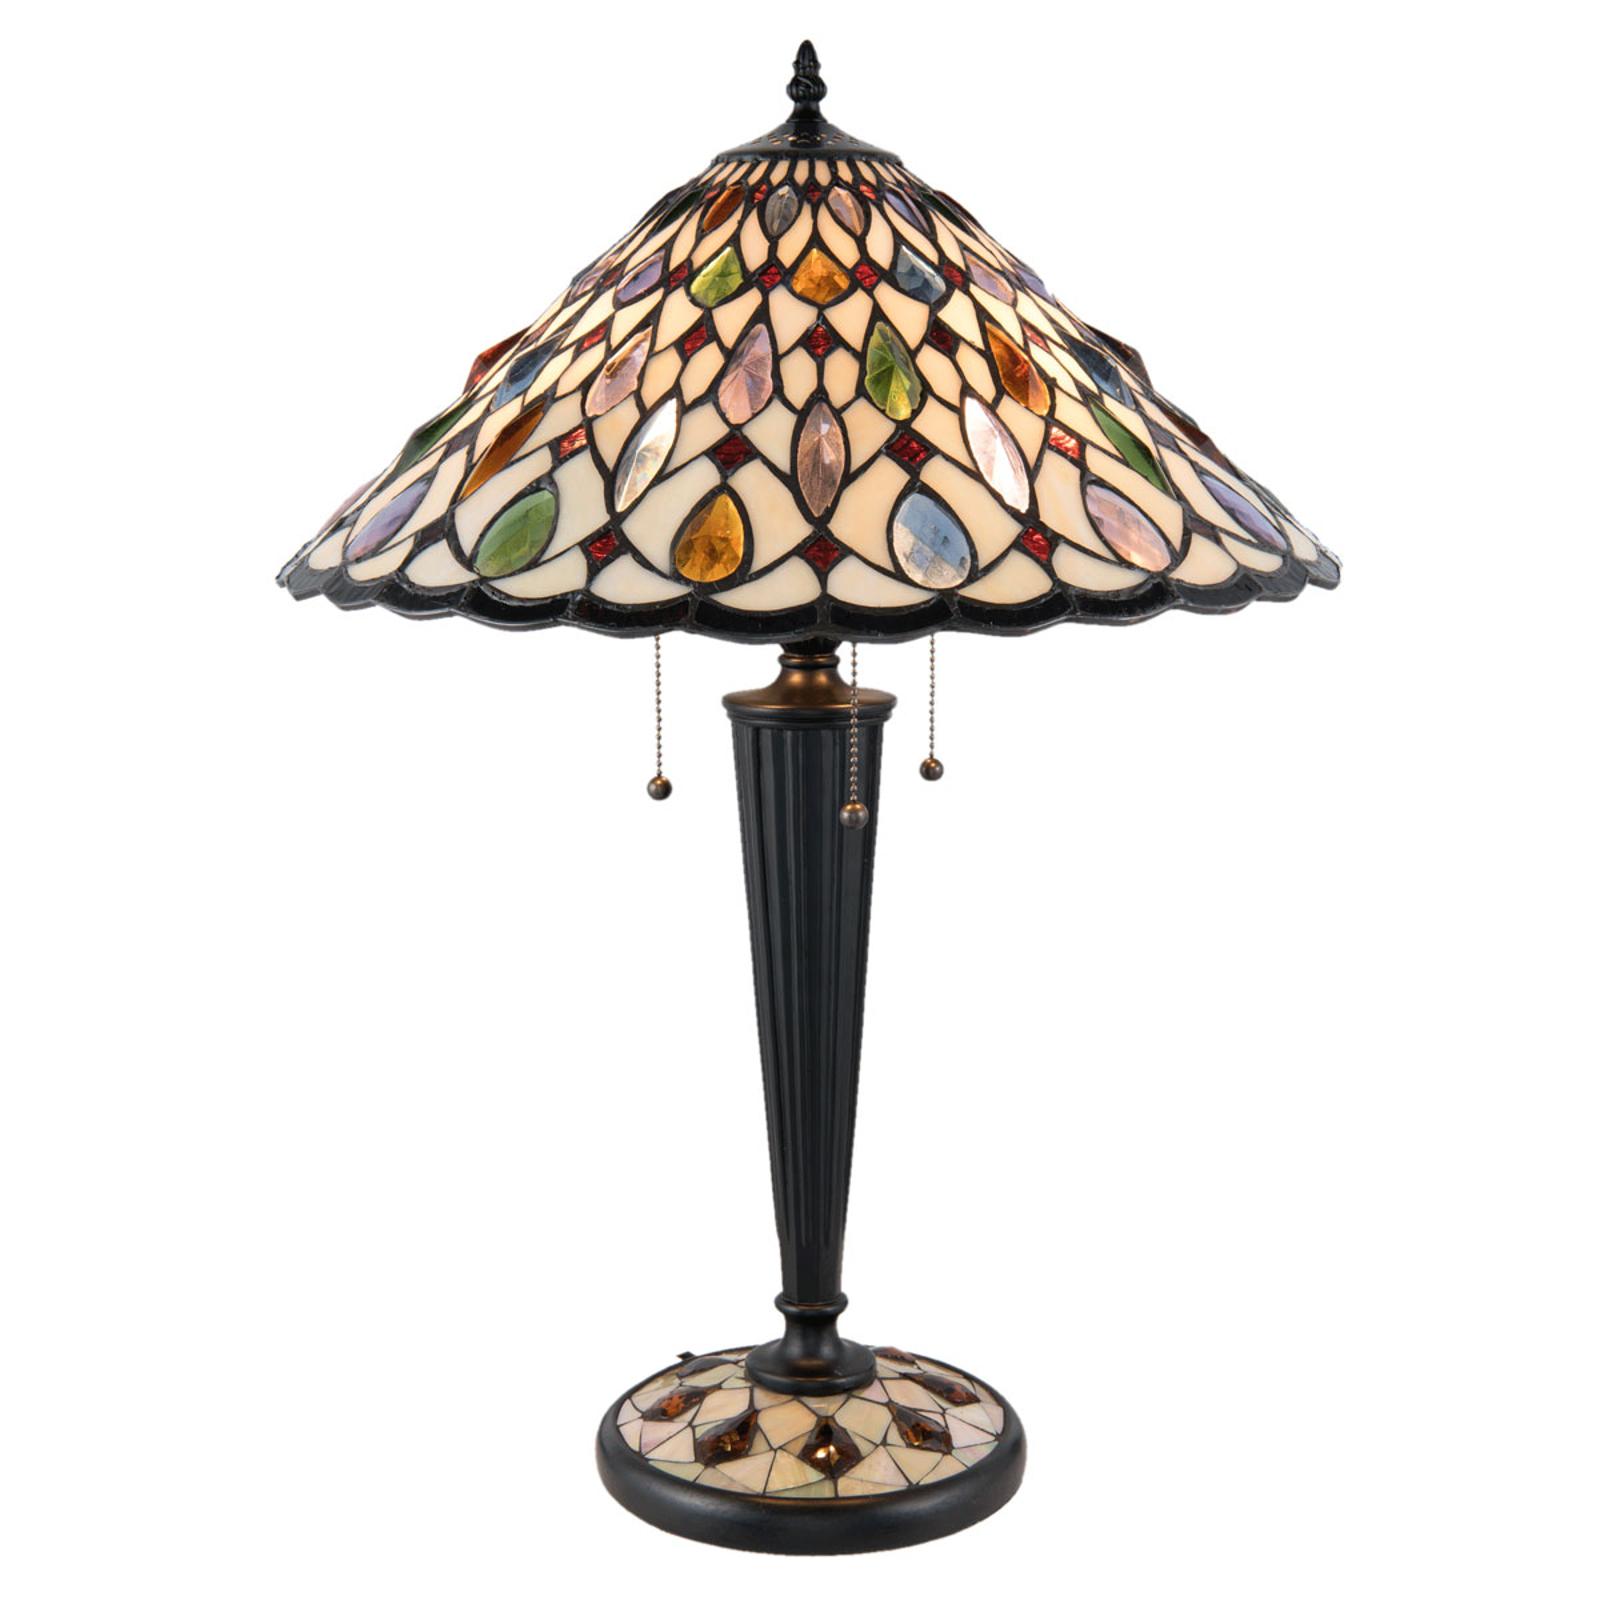 Tafellamp 5188 met kegelvormige glazen kap